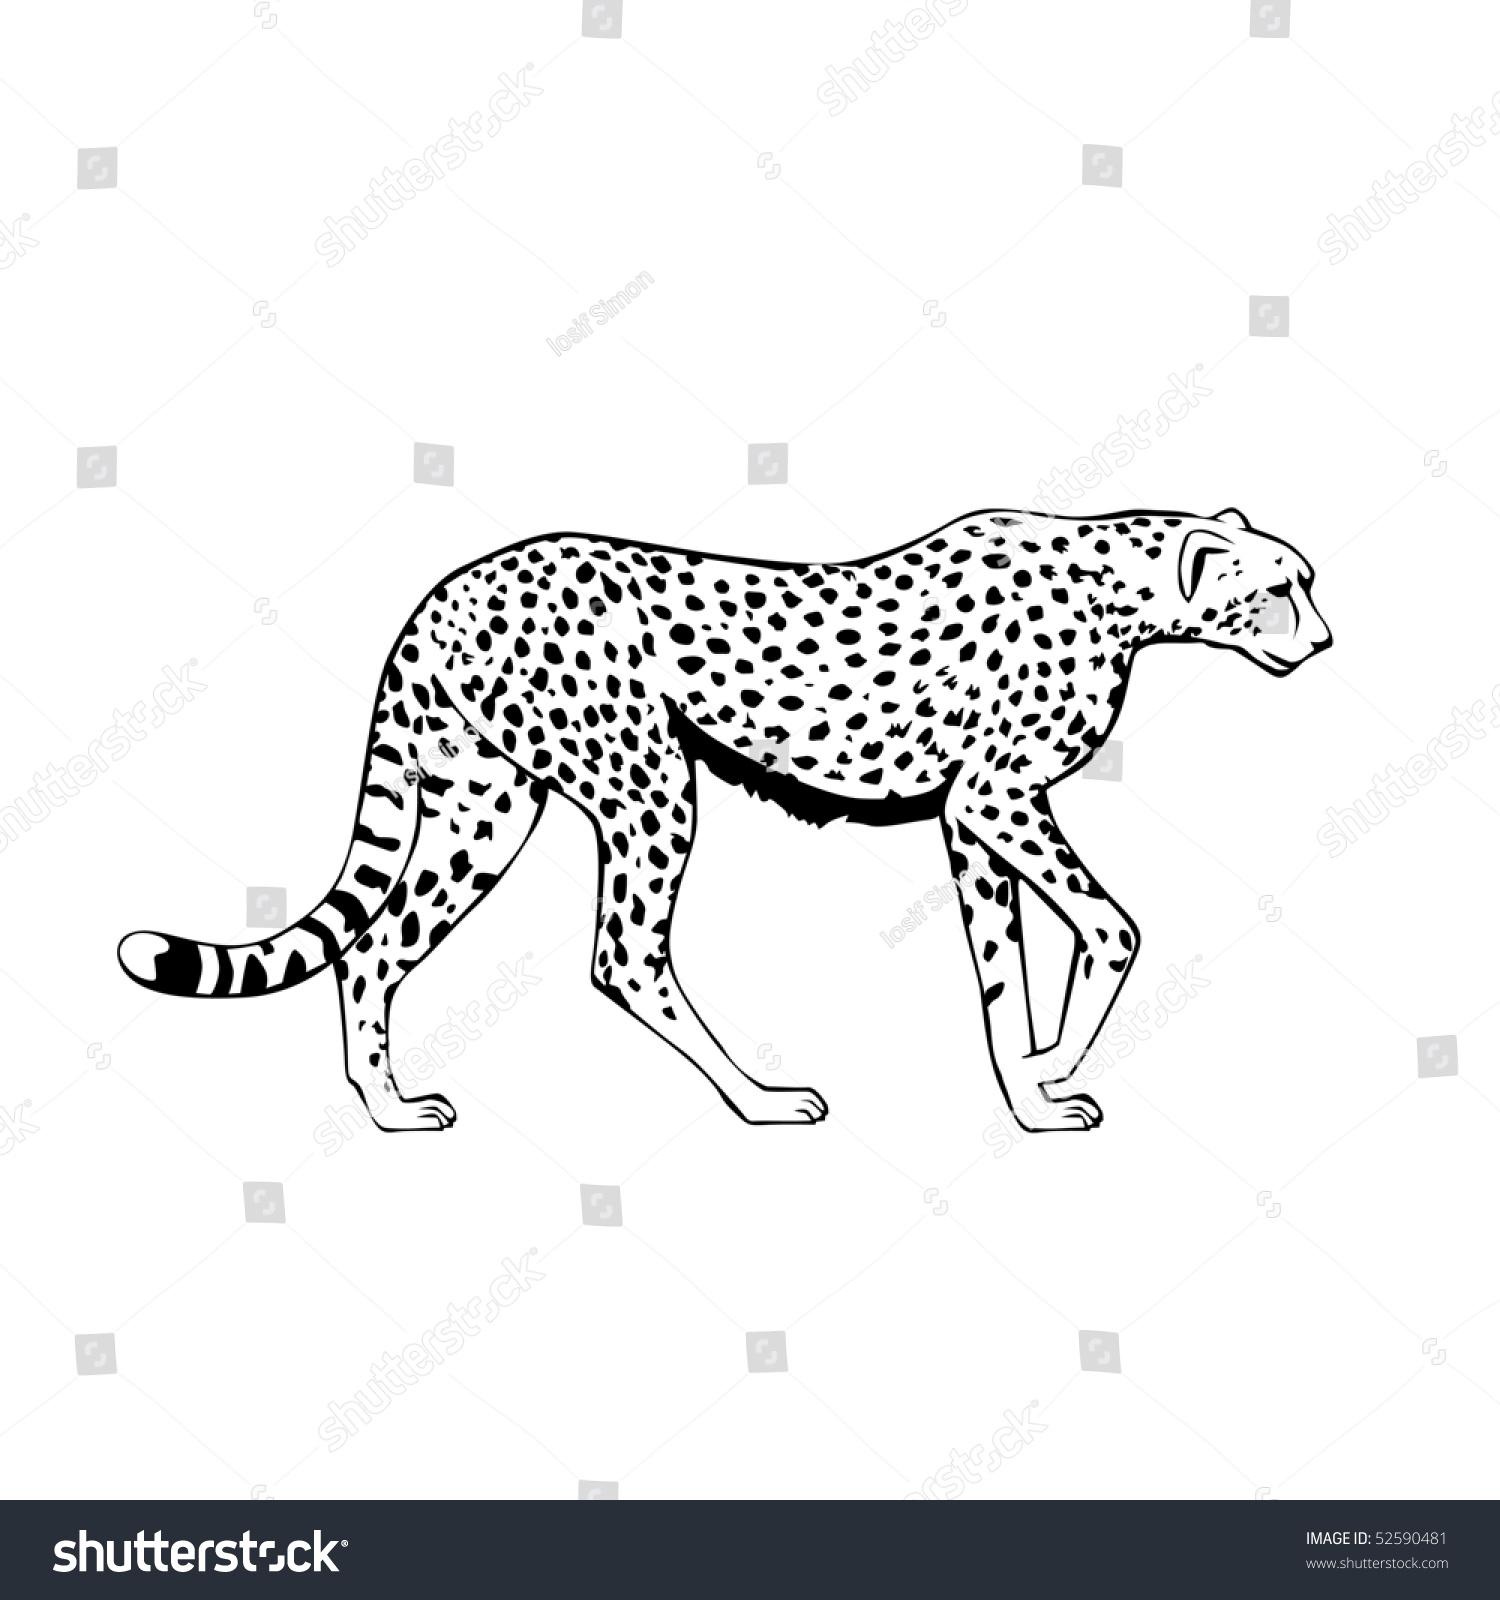 黑色和白色猎豹矢量插图-动物/野生生物